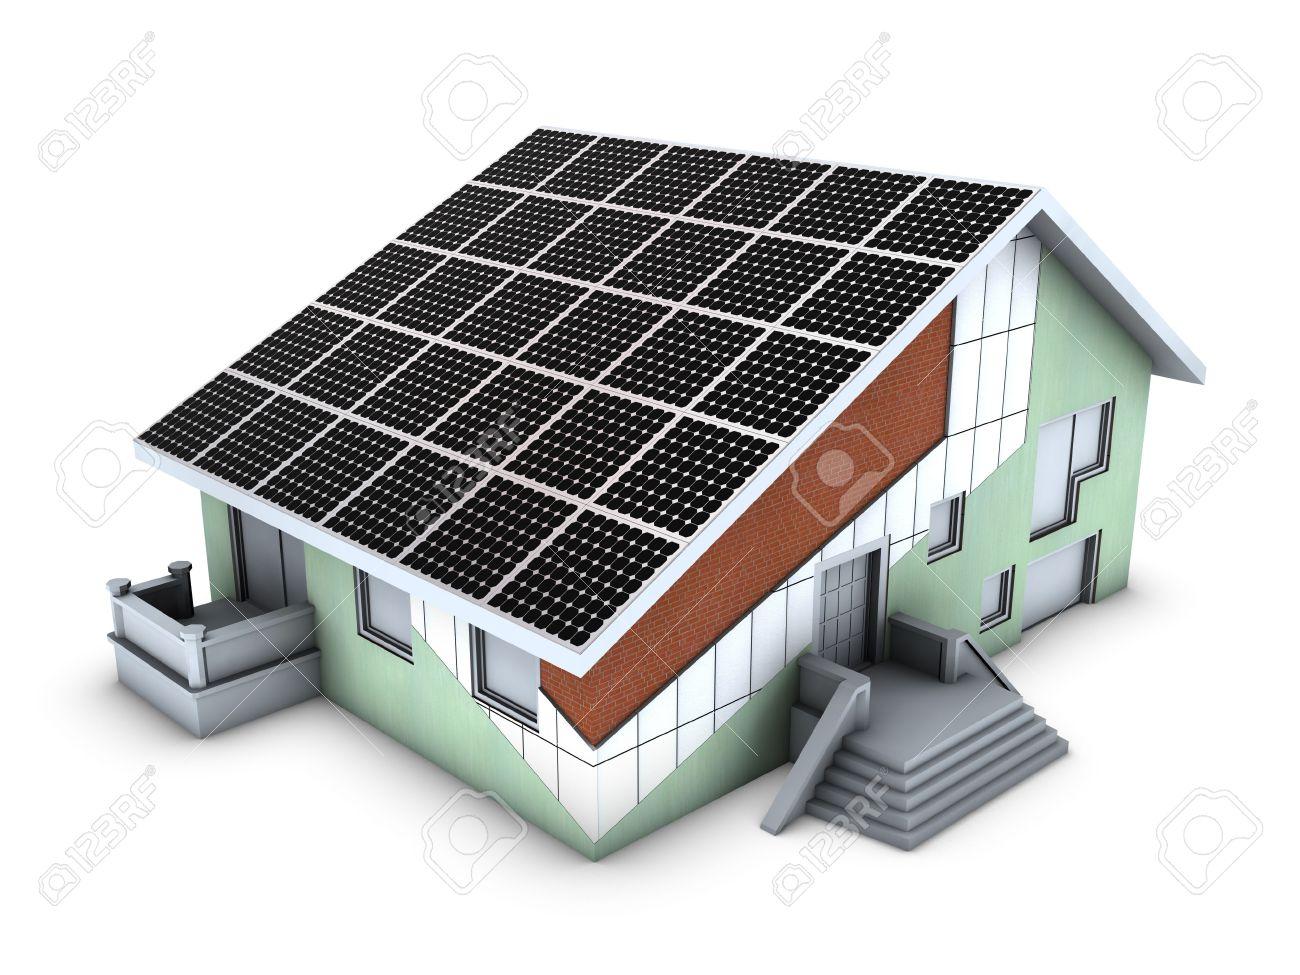 Haus Modell Mit Polystyrol Block Und Solar Panels Auf Weißen Hintergrund  Isoliert Standard Bild